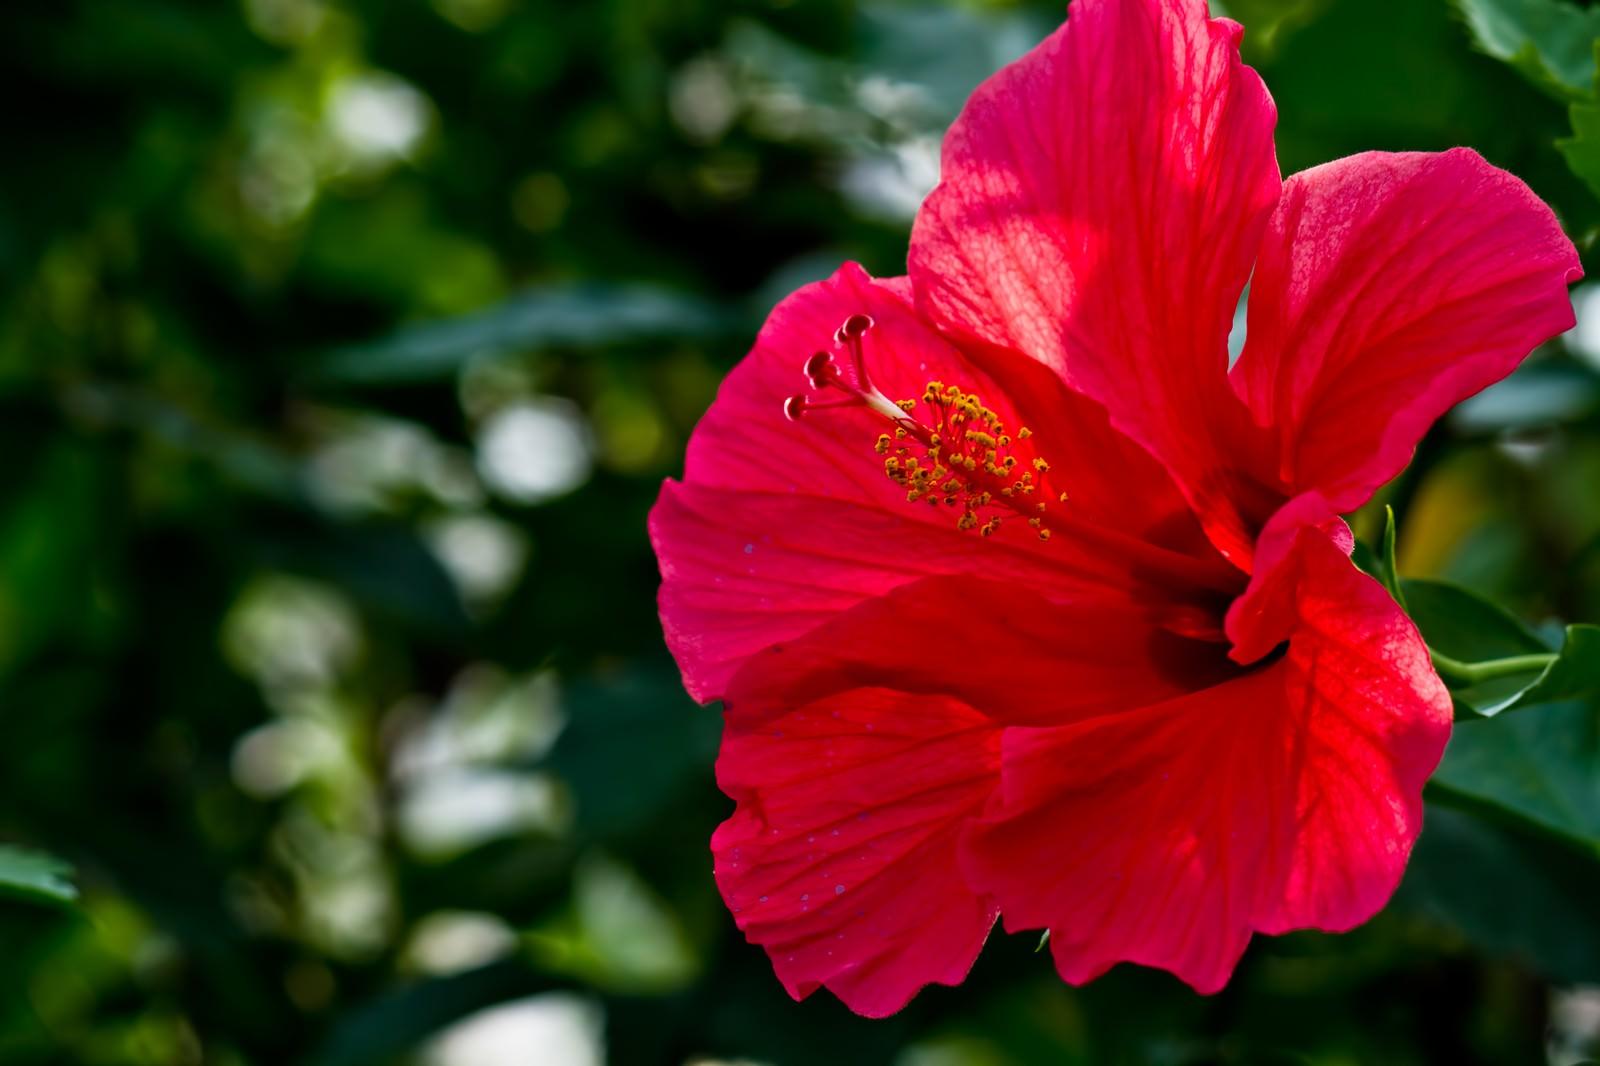 「赤いハイビスカスの花赤いハイビスカスの花」のフリー写真素材を拡大